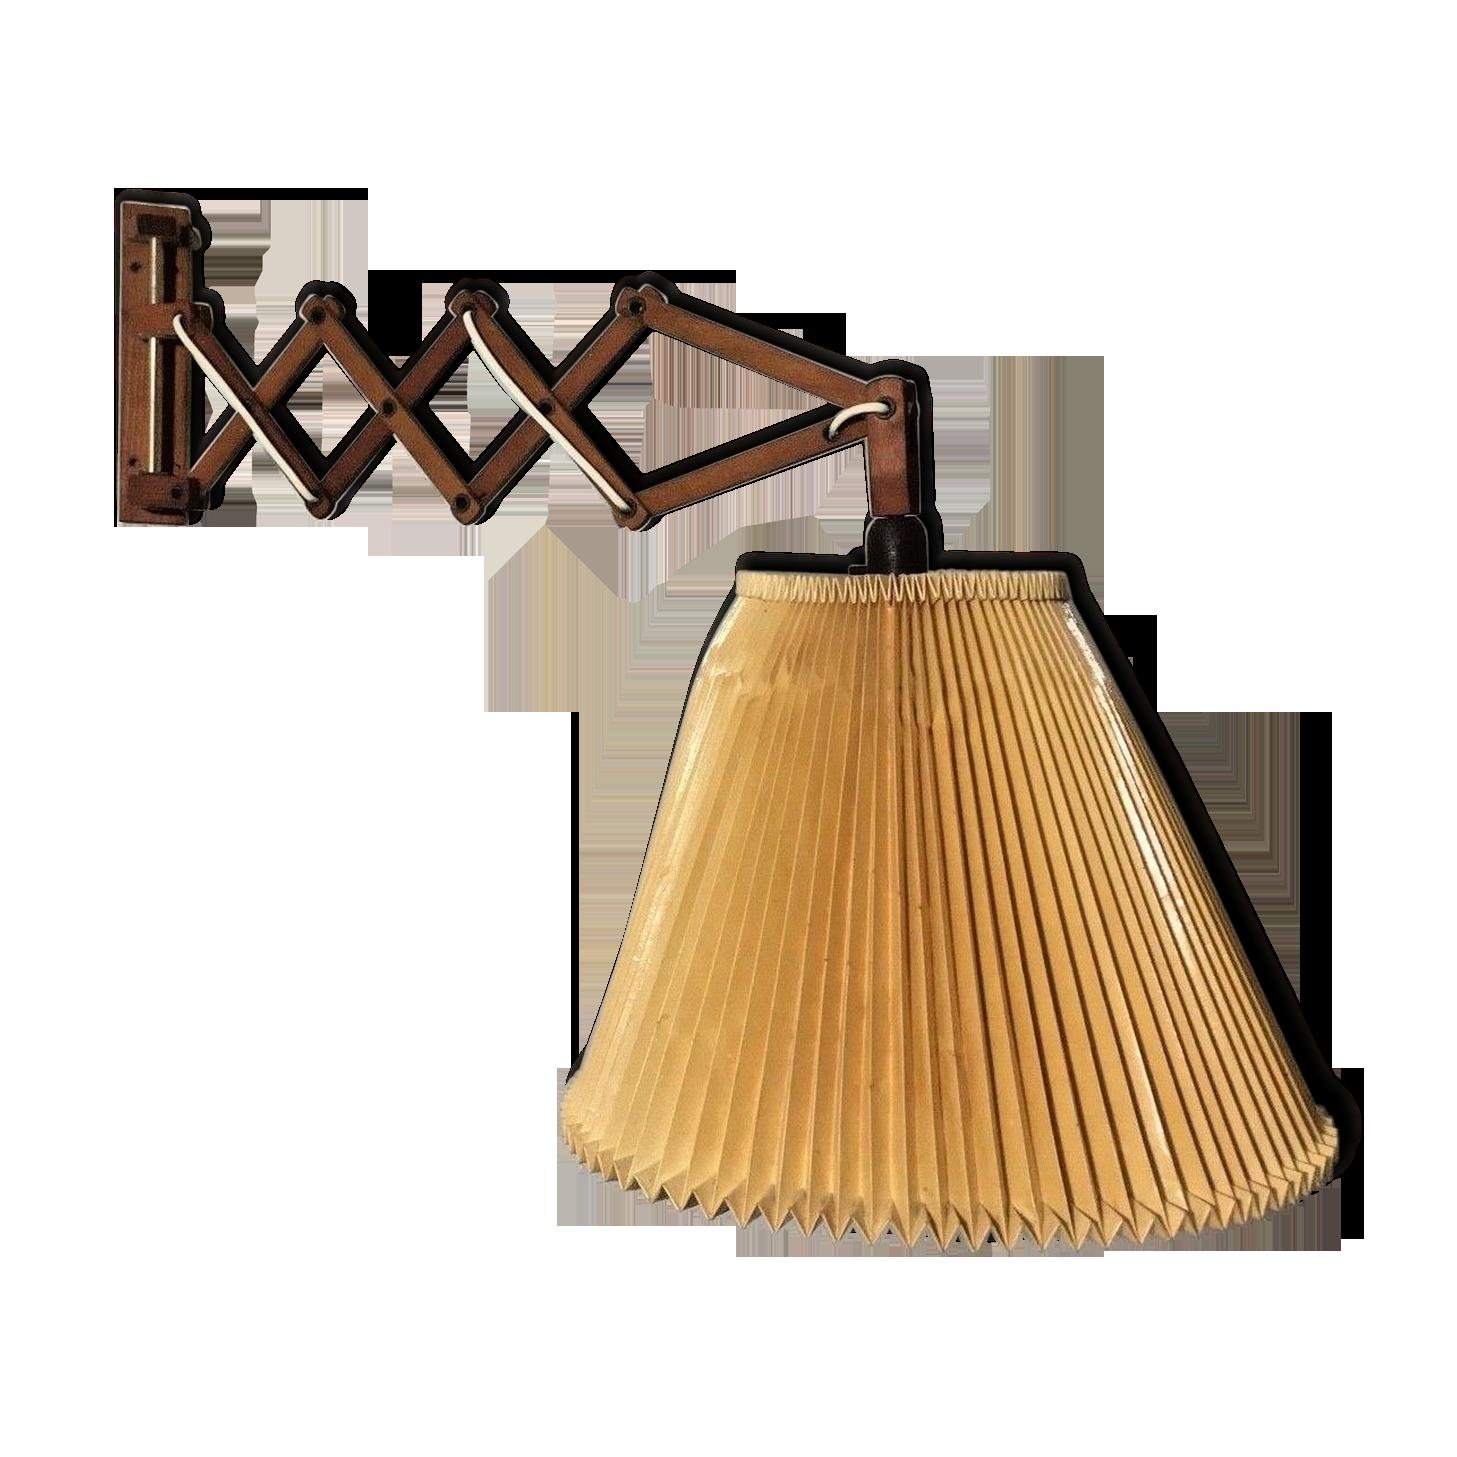 Applique vintage bras ciseaux bois bois matériau marron